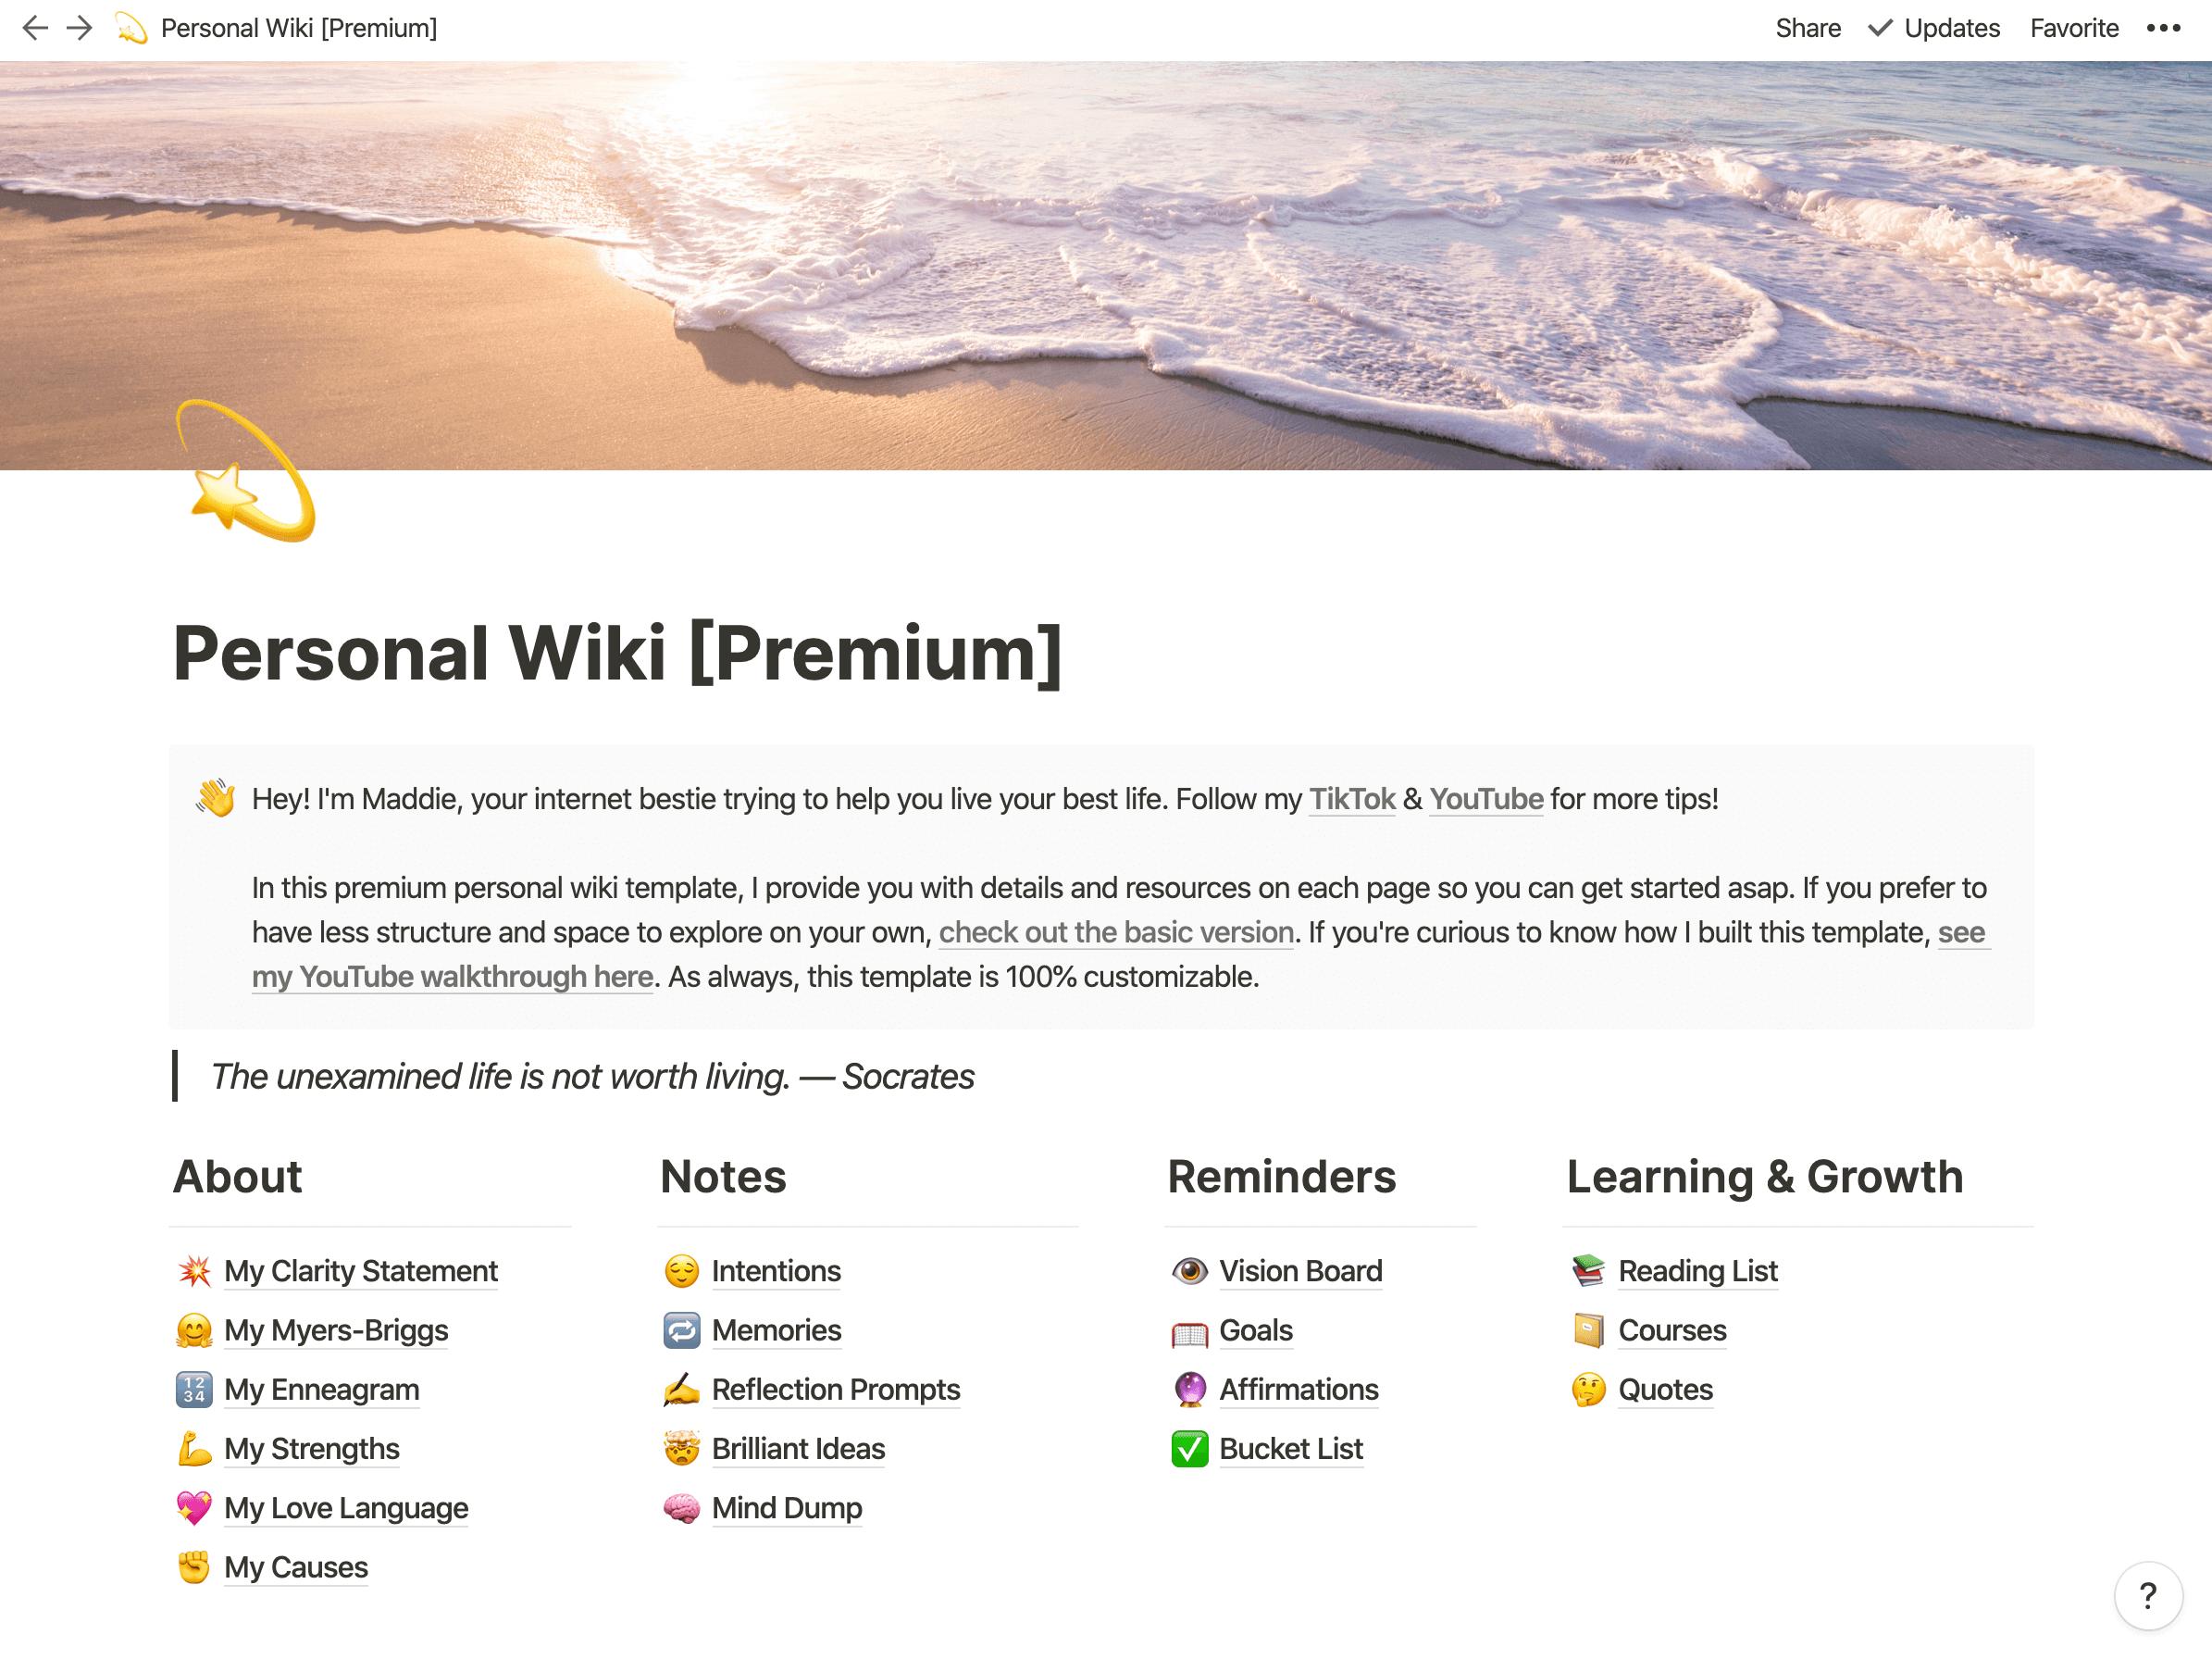 Premium Personal Wiki